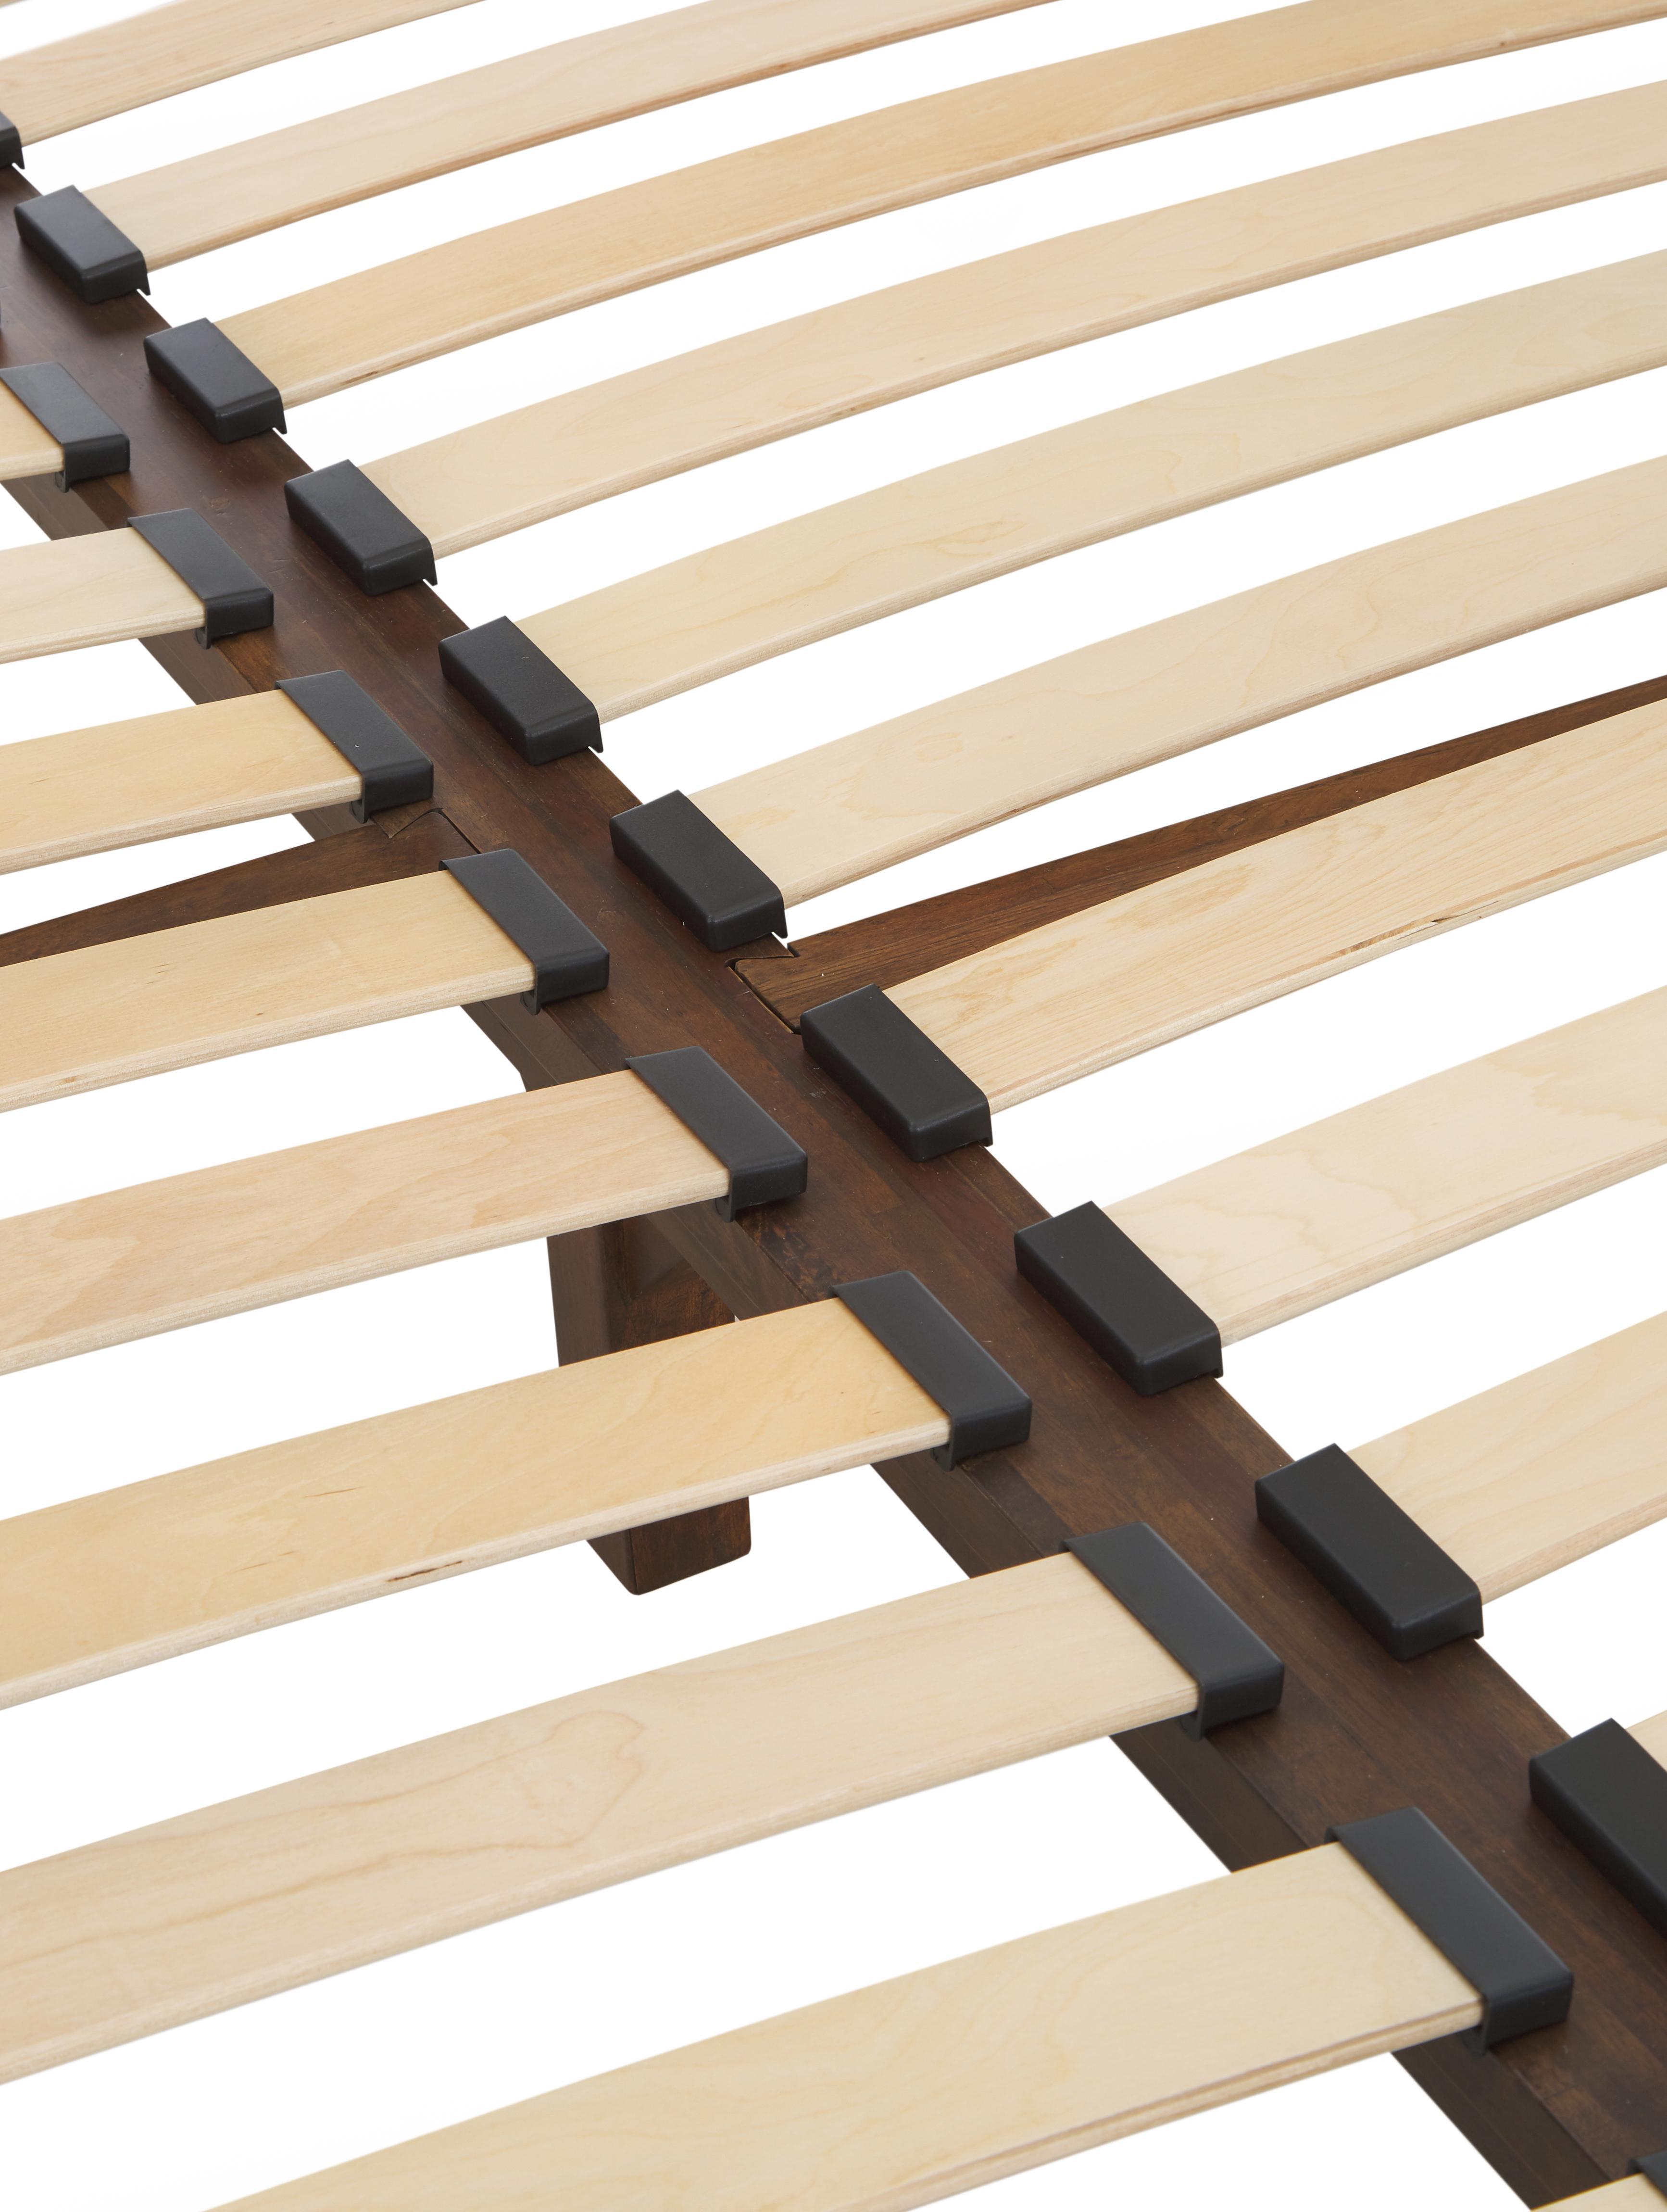 Himmelbett Retreat aus Holz, Mangoholz mit Furnierstücken aus Teakholz, Mahagoniholz, Mindiholz, Dunkelbrauntöne, 180 x 200 cm